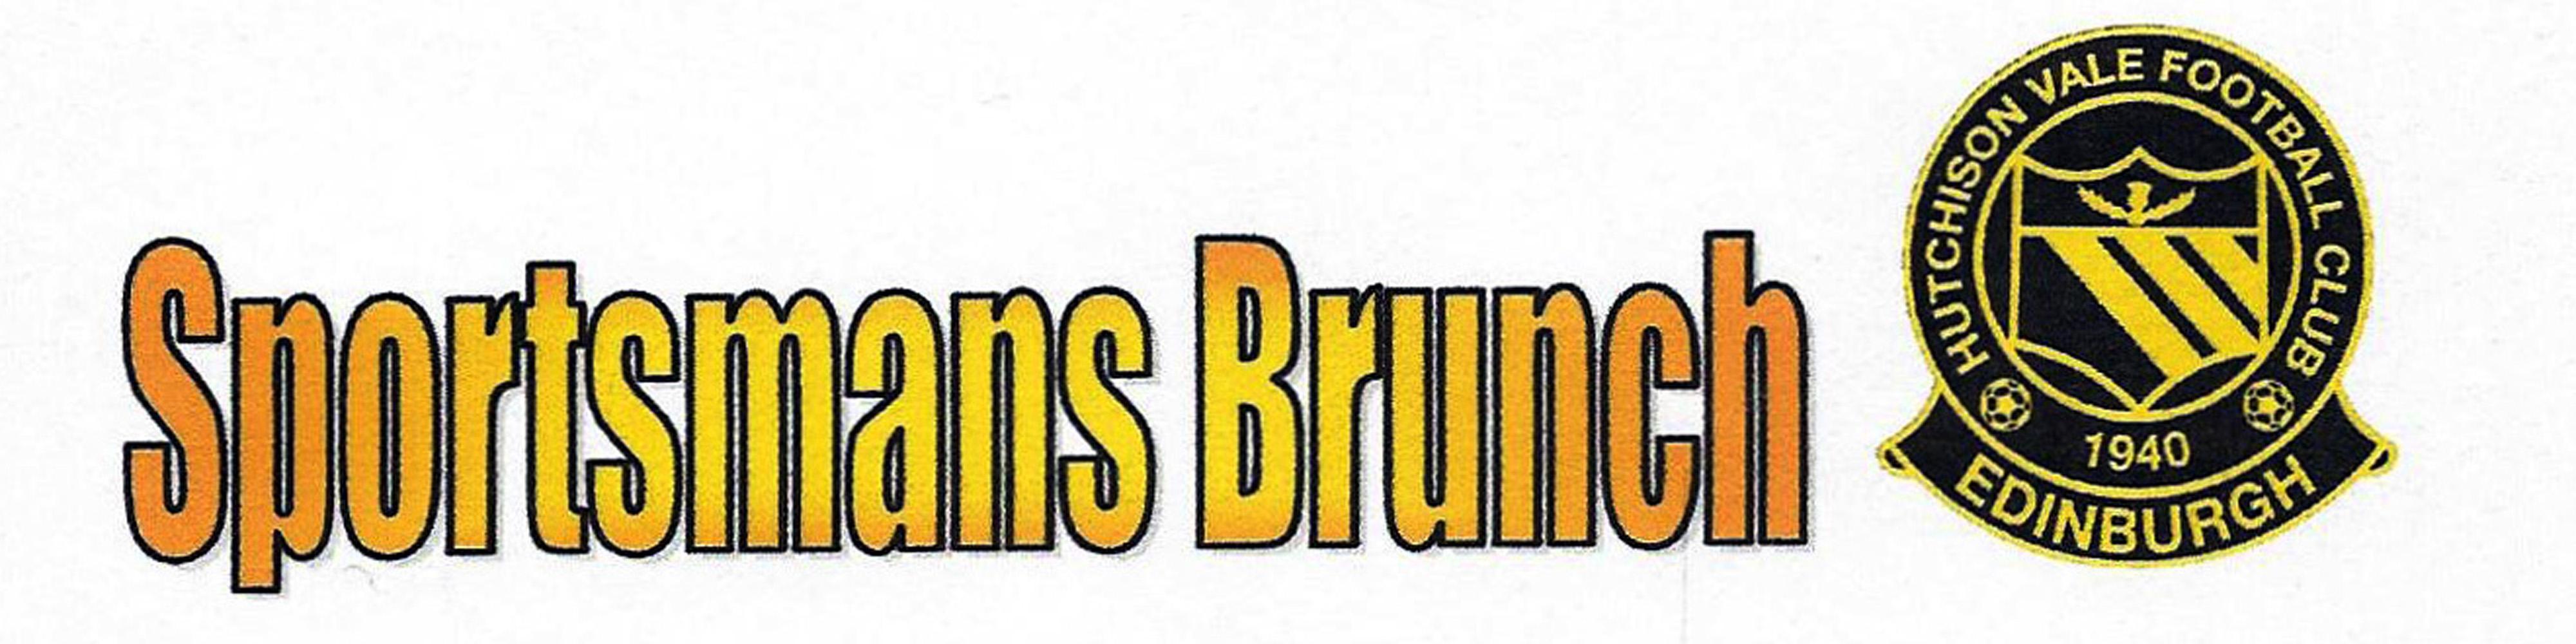 Sportsmans Brunch date confirmed